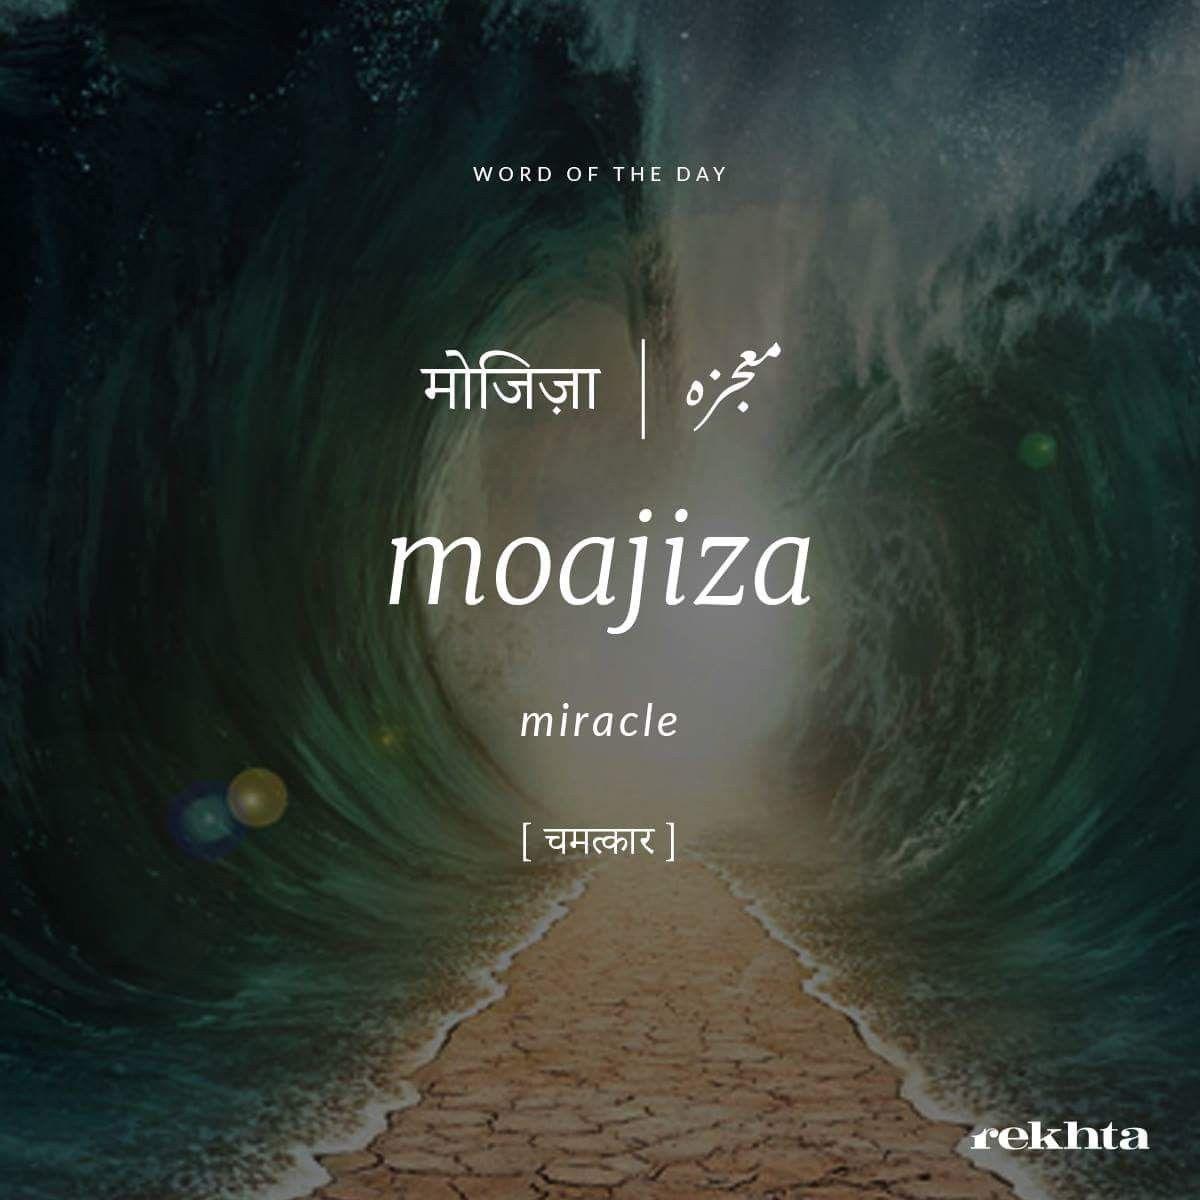 Pin by Min Ha on Words   Urdu words with meaning, Urdu words, Urdu ...